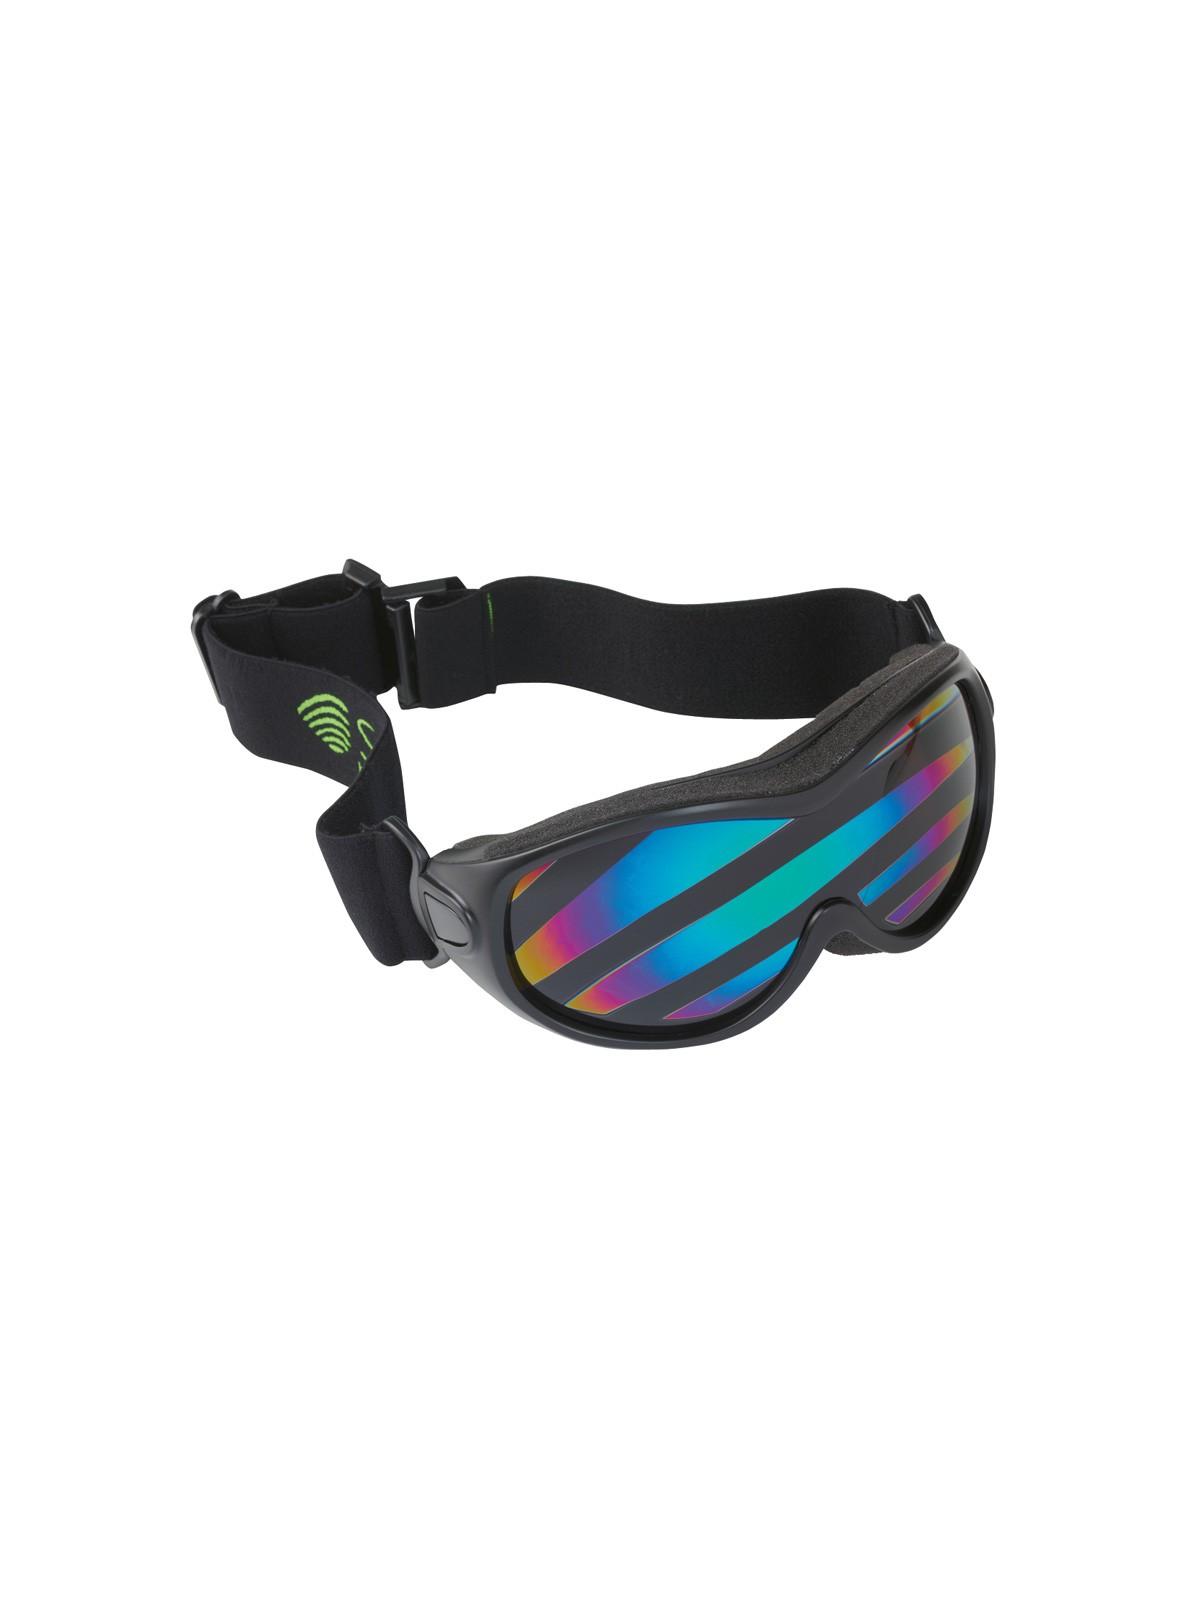 Verdunklungsbrille Specs